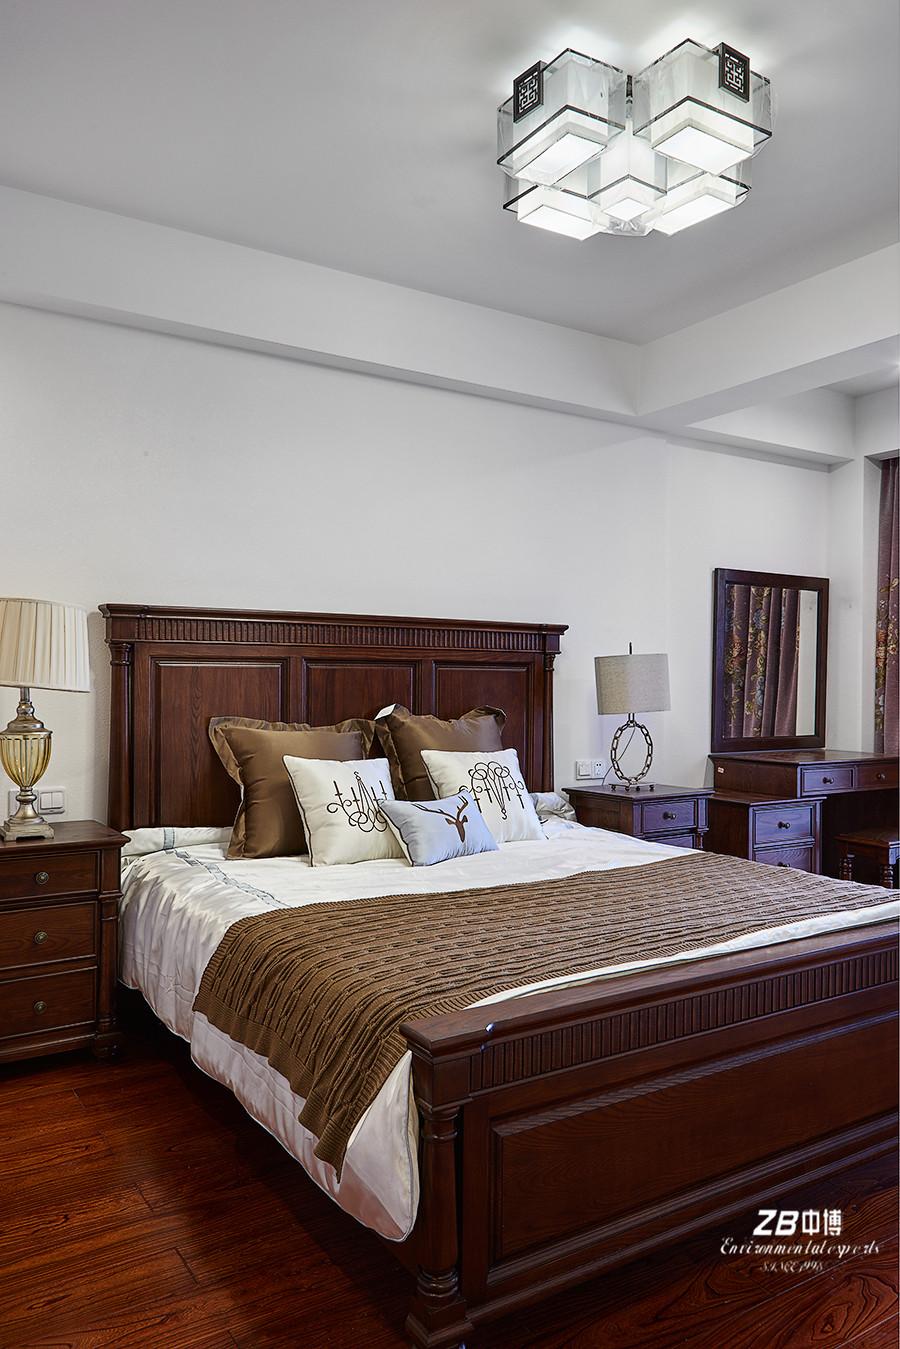 简约 混搭 三居 白领 收纳 小资 中式 卧室图片来自中博装饰在晨光国际160方跃层大宅中国味儿的分享